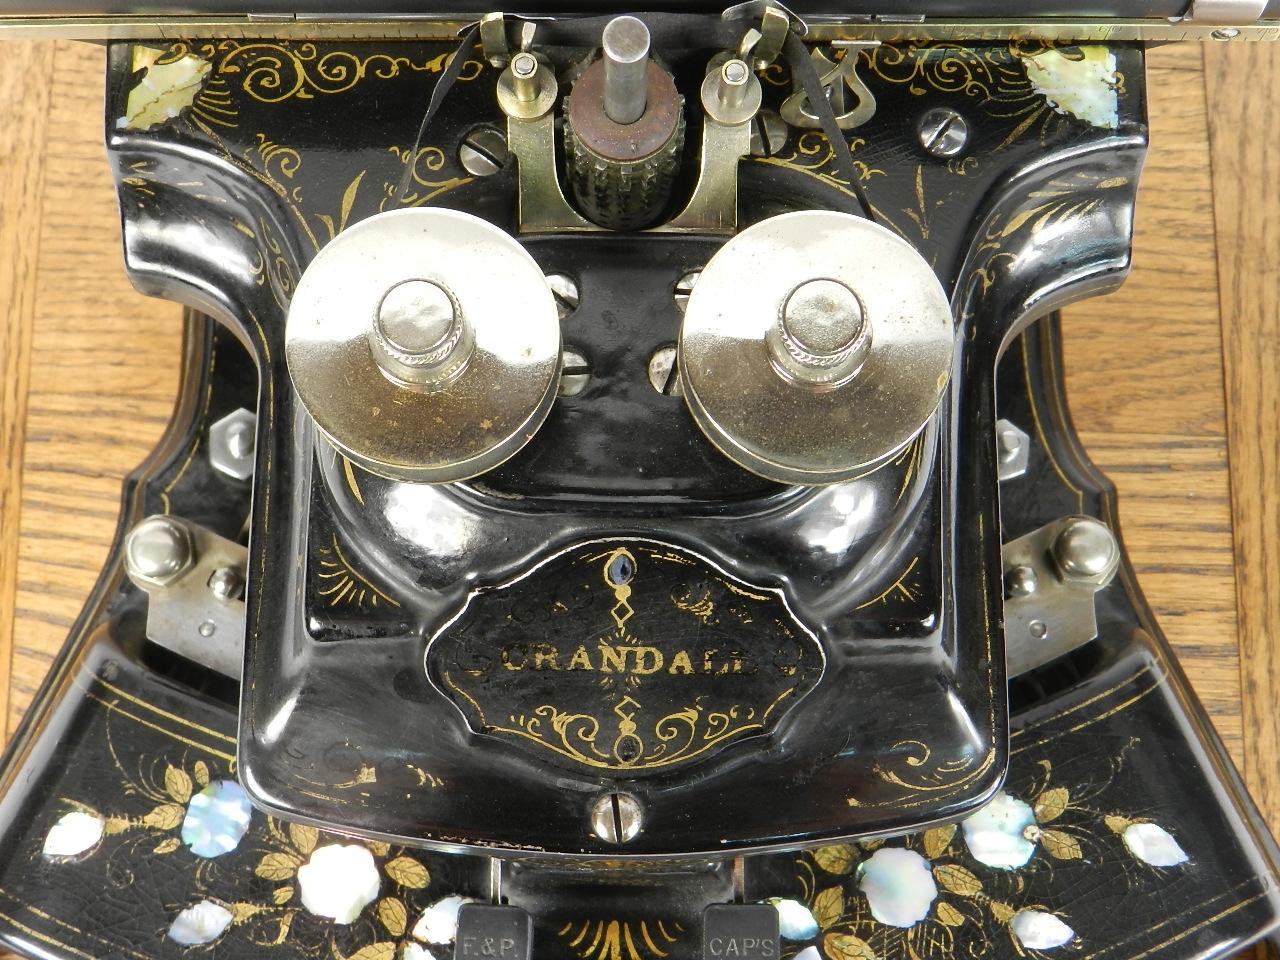 Imagen CRANDALL NEW MODEL AÑO 1885 31914